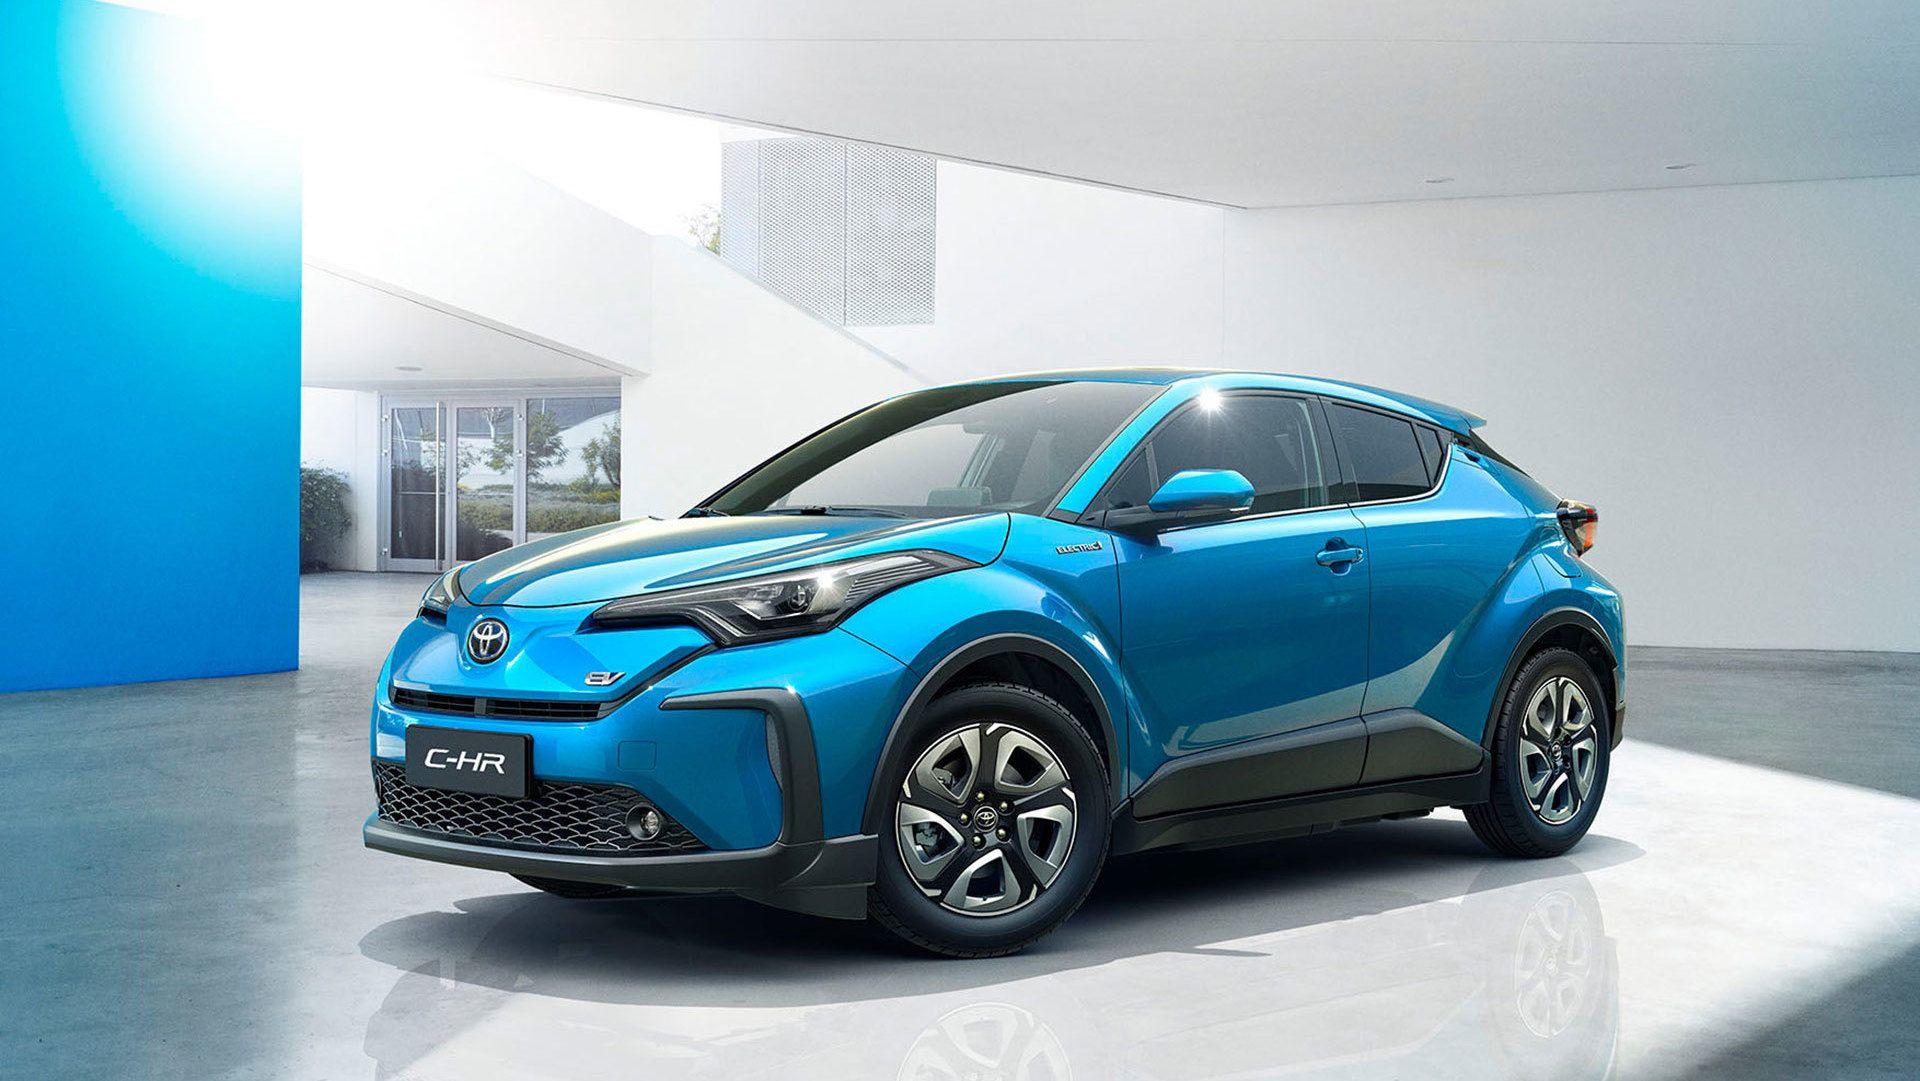 Den elektriske C-HR har blant annet fått et noe annerledes design i front, med tanke på at den ikke krever like mye kjøling.